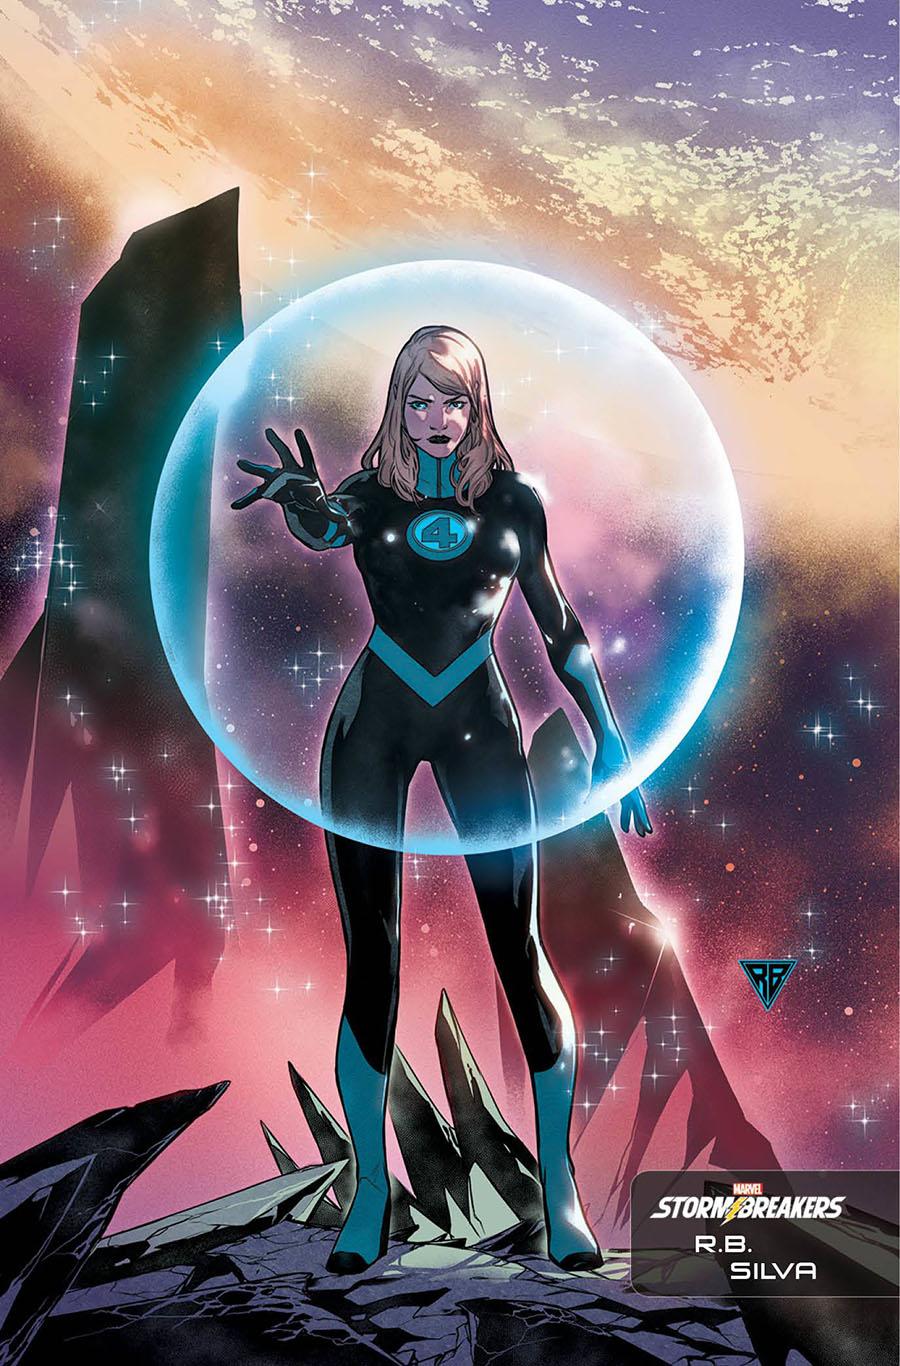 Fantastic Four Vol 6 #26 Cover C Incentive RB Silva Stormbreakers Variant Cover